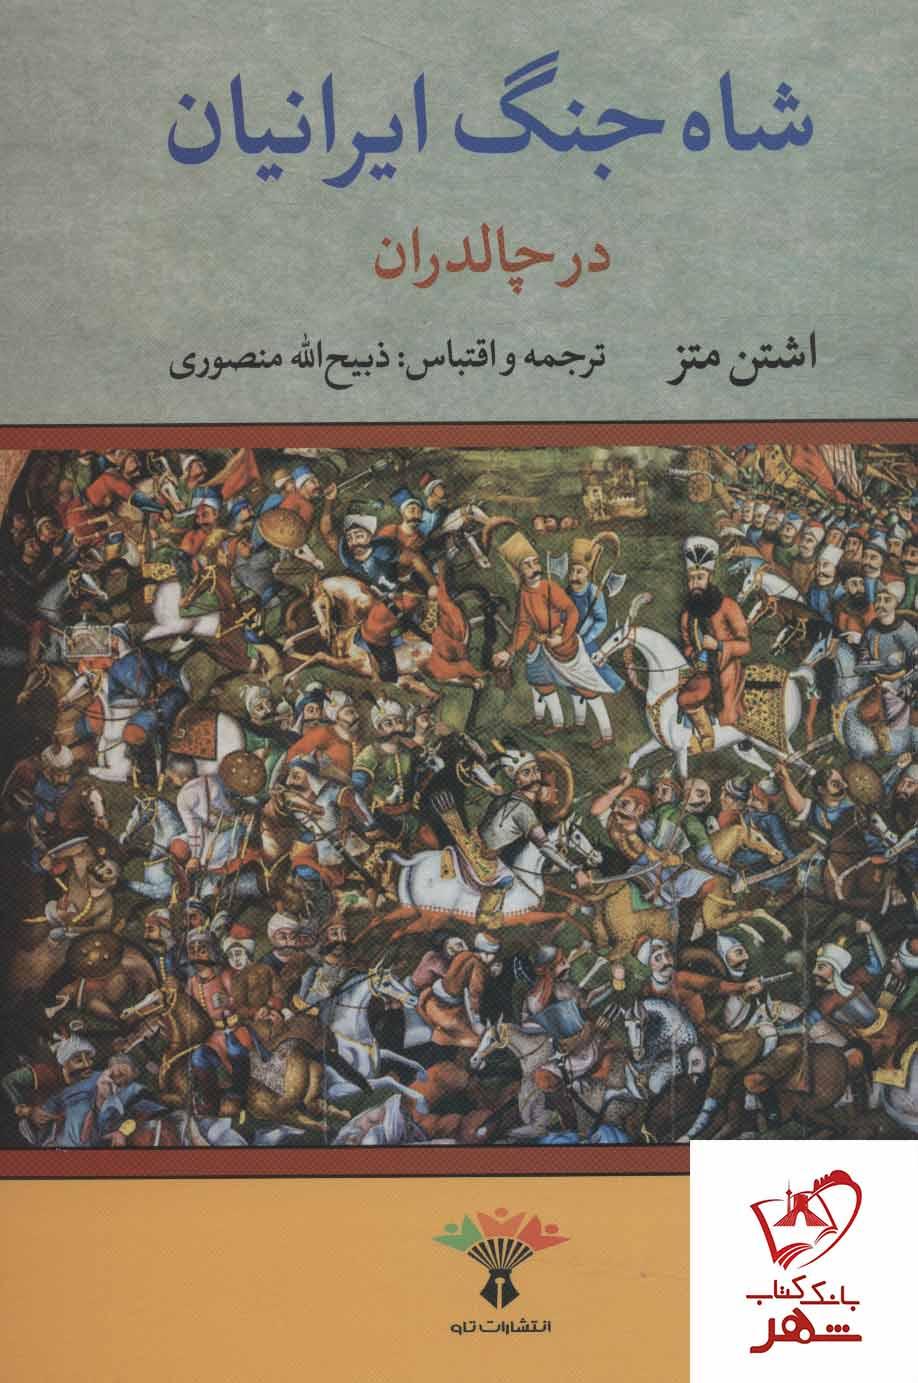 خرید کتاب شاه جنگ ایرانیان در چالدران نوشته اشتن متز نشر تاو